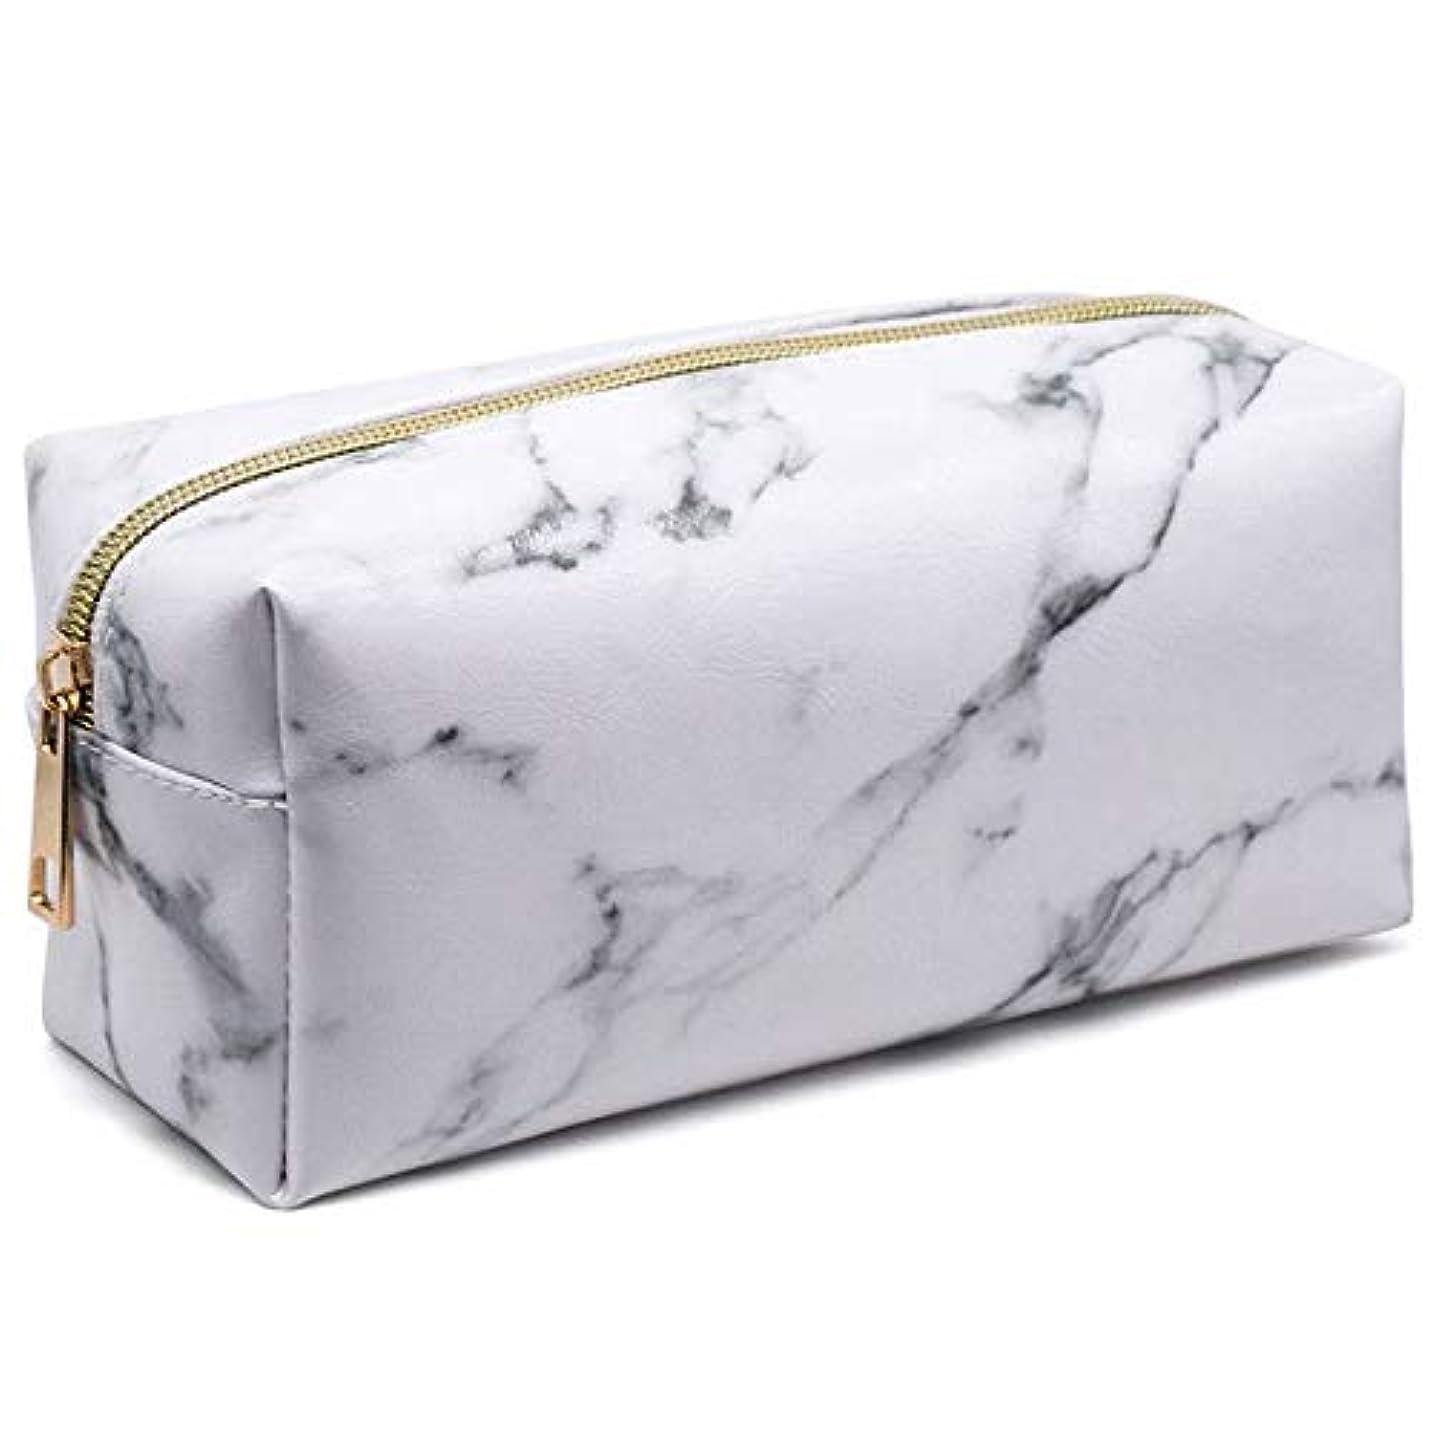 彼の群れ辞書Moligh doll 新しいスタイルのファッション大理石多機能財布ボックス旅行メイク化粧品バッグトイレタリーペンシルケース